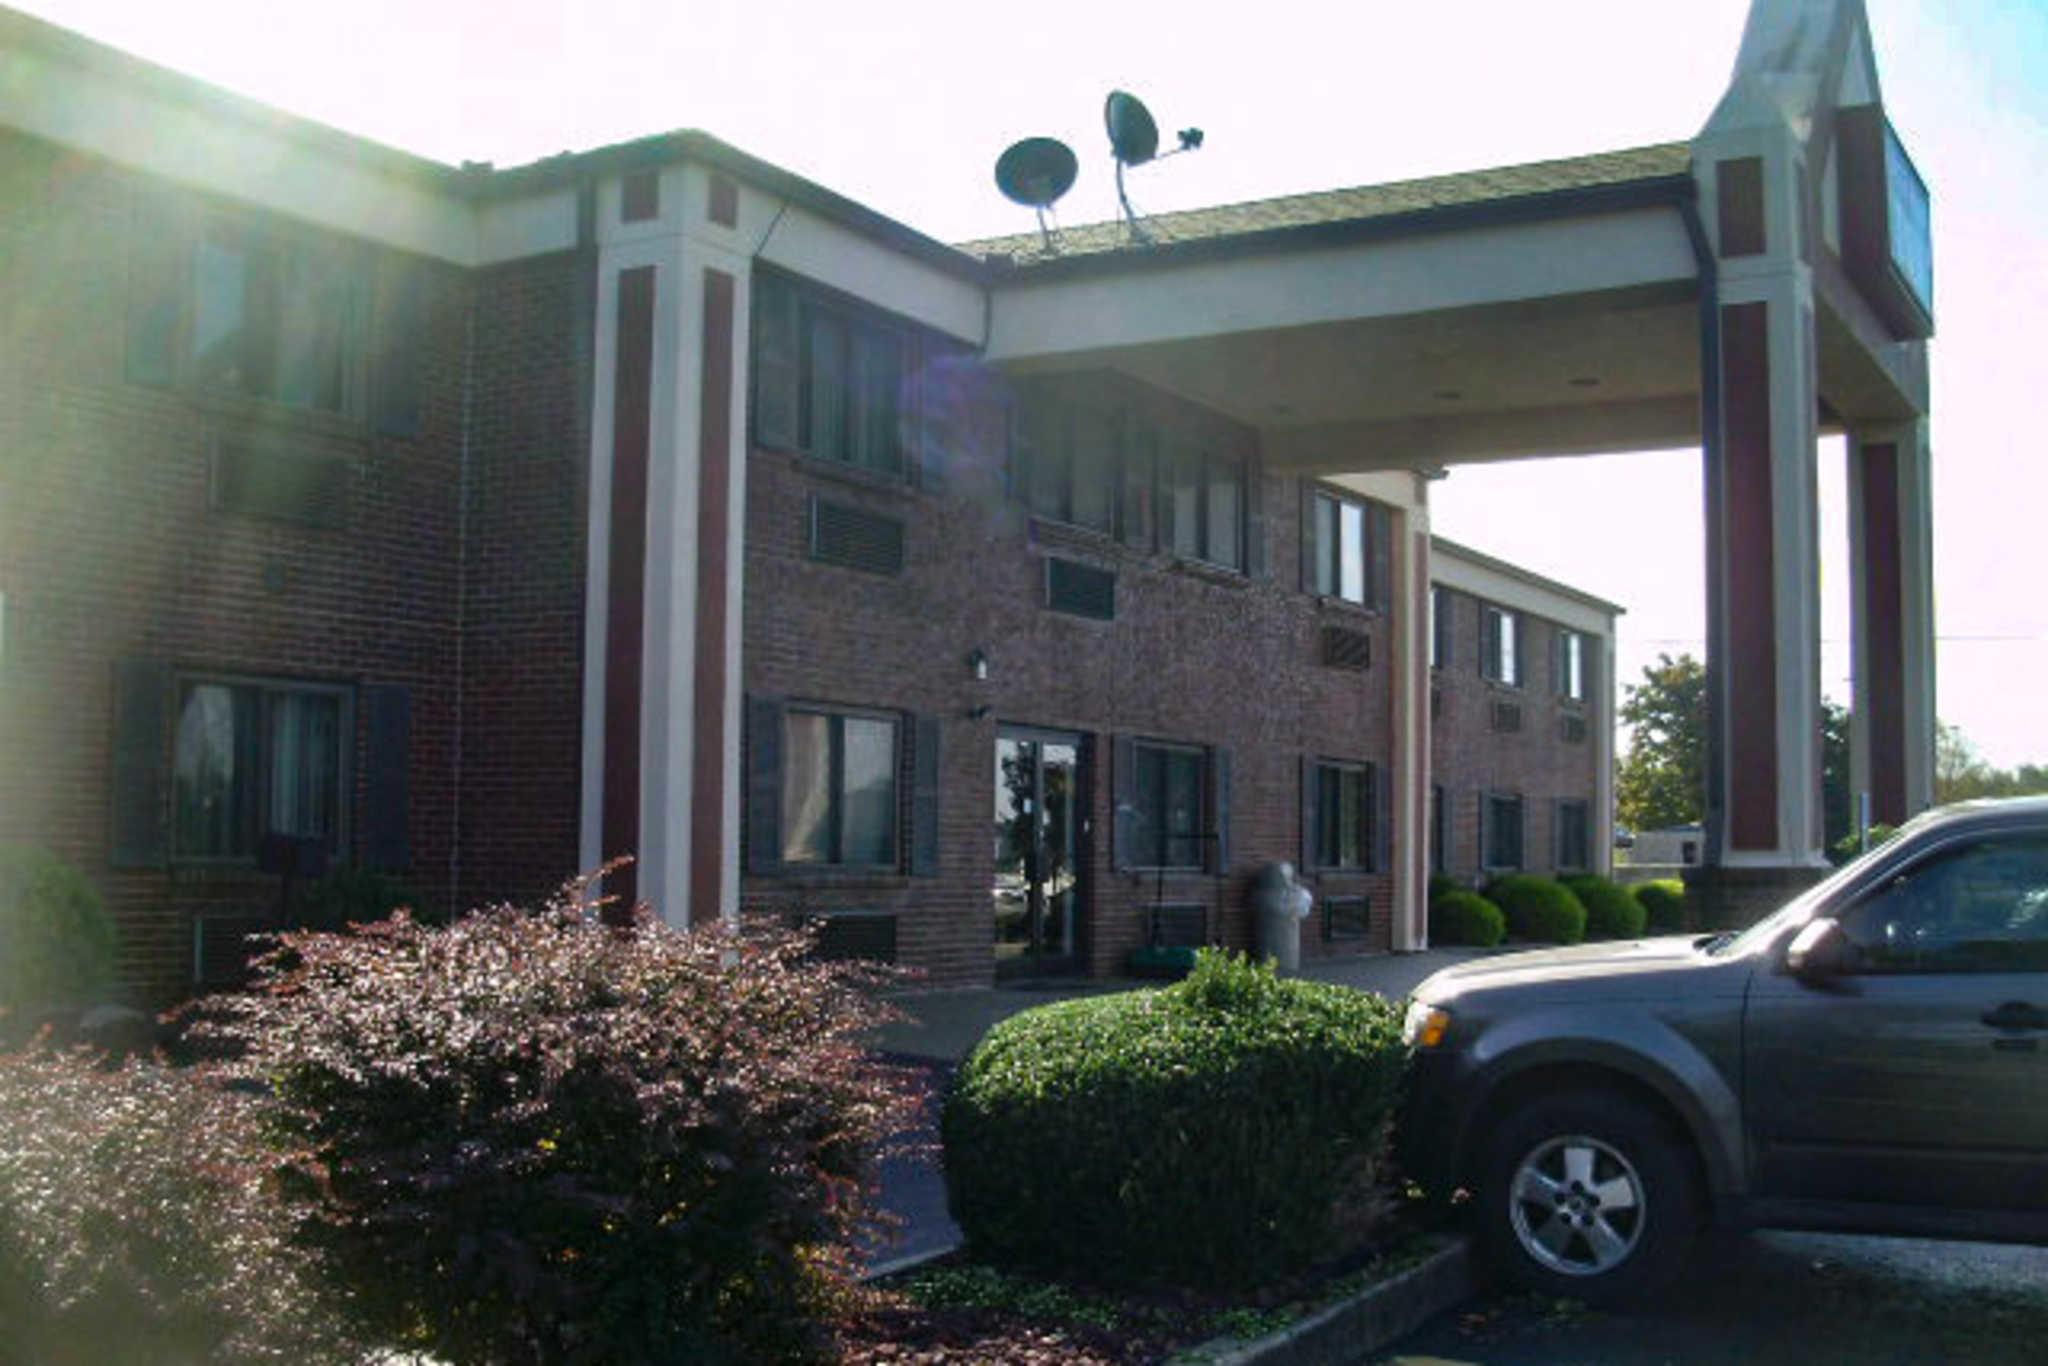 Shelbyville Ky Hotels Motels